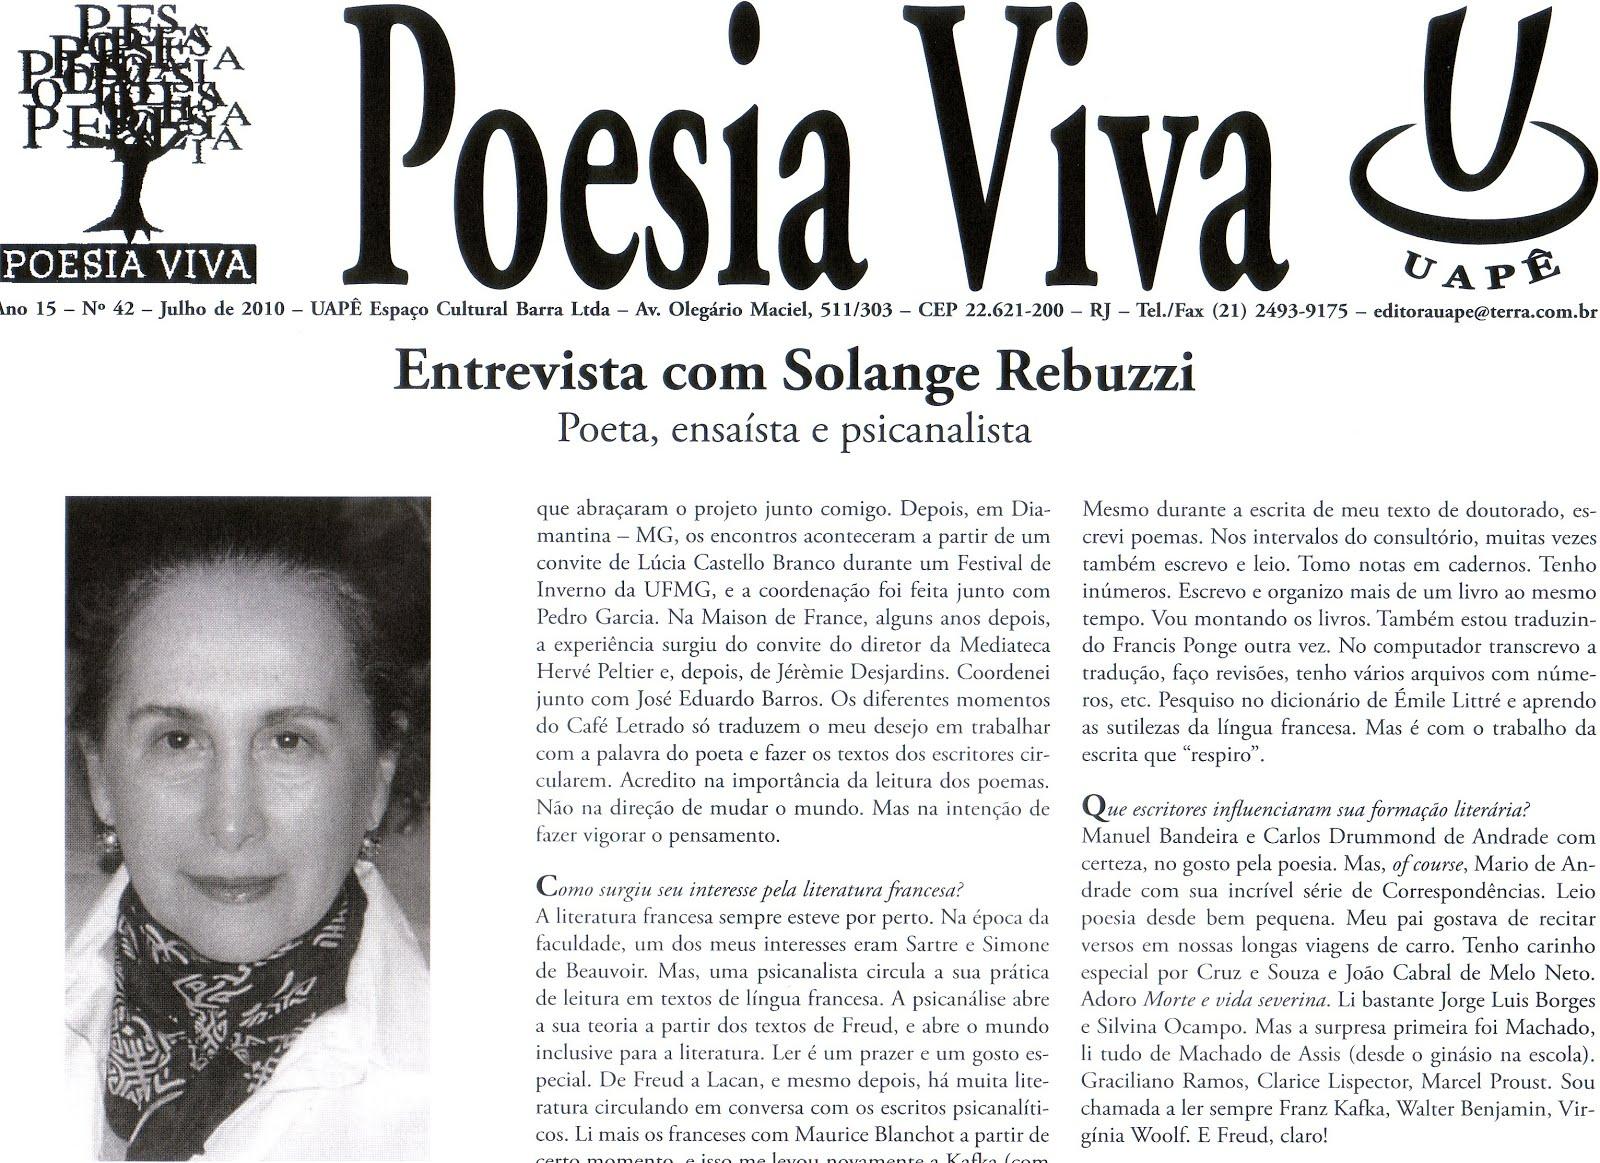 Jornal Poesia Viva